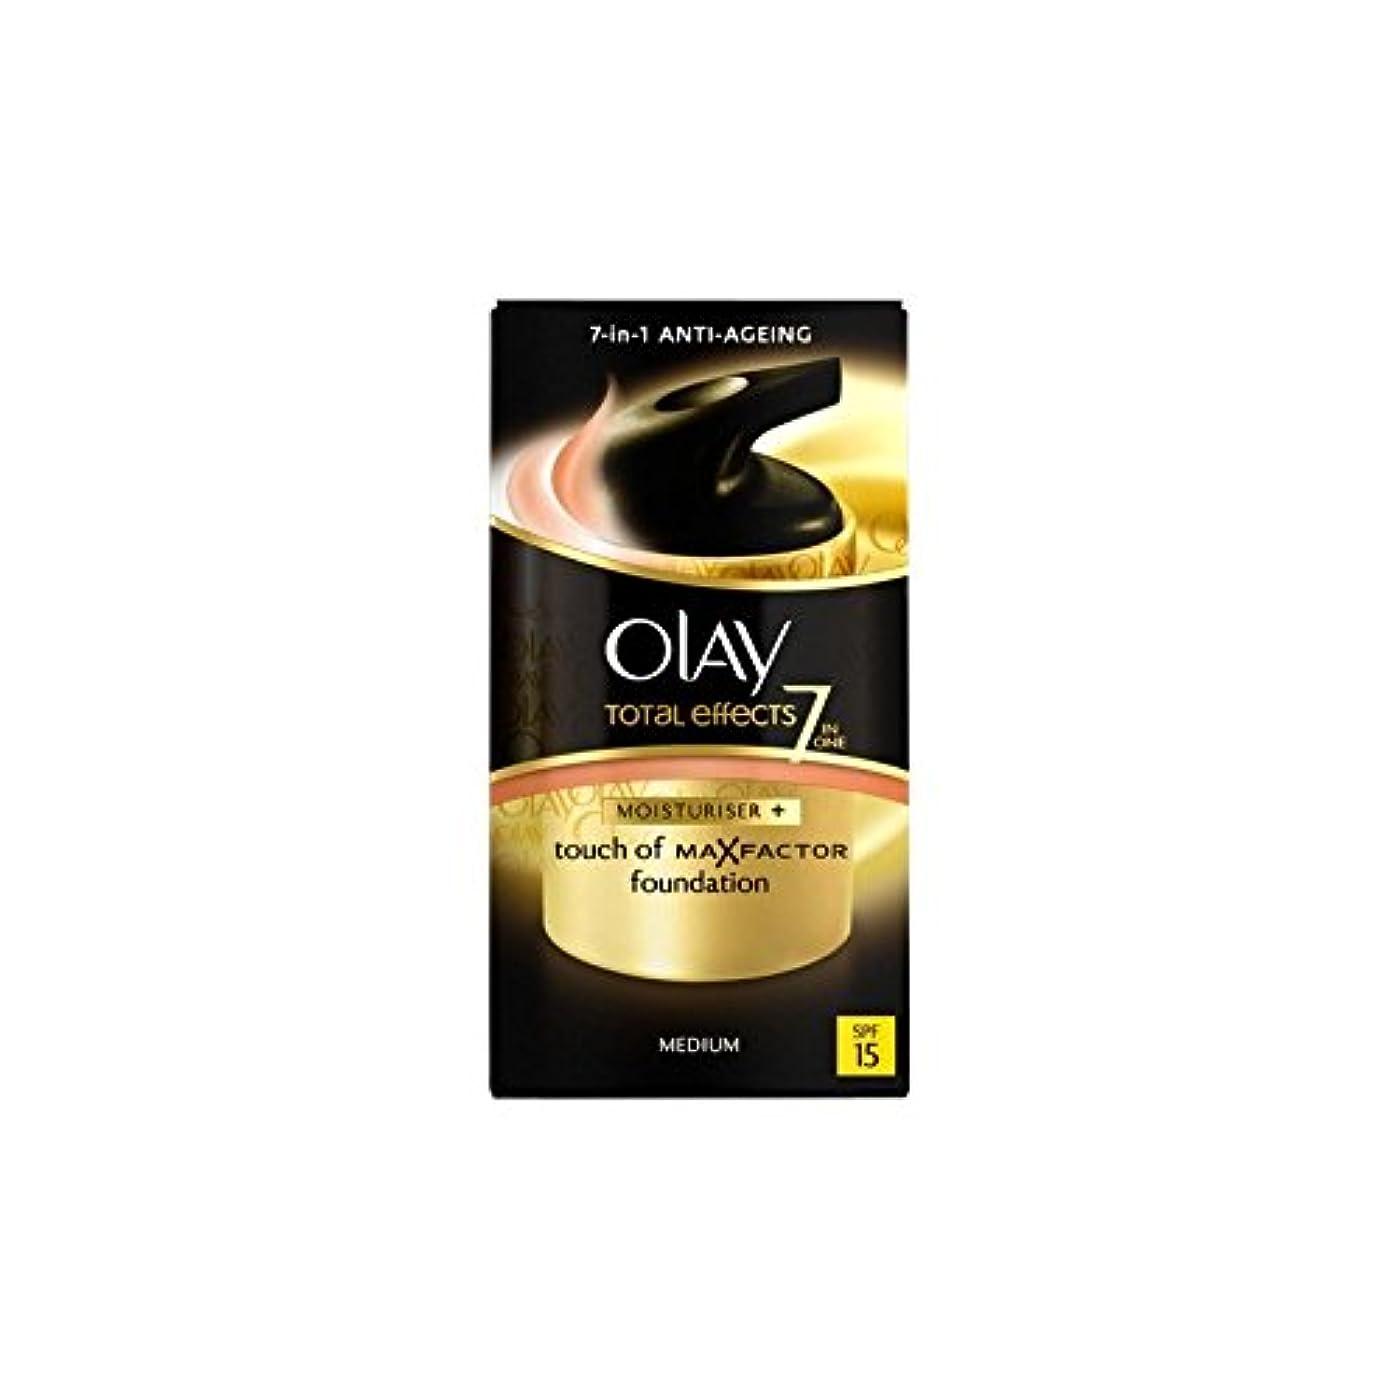 外交問題役に立つ耳オーレイトータルエフェクト保湿クリーム15 - 培地(50ミリリットル) x4 - Olay Total Effects Moisturiser Bb Cream Spf15 - Medium (50ml) (Pack...